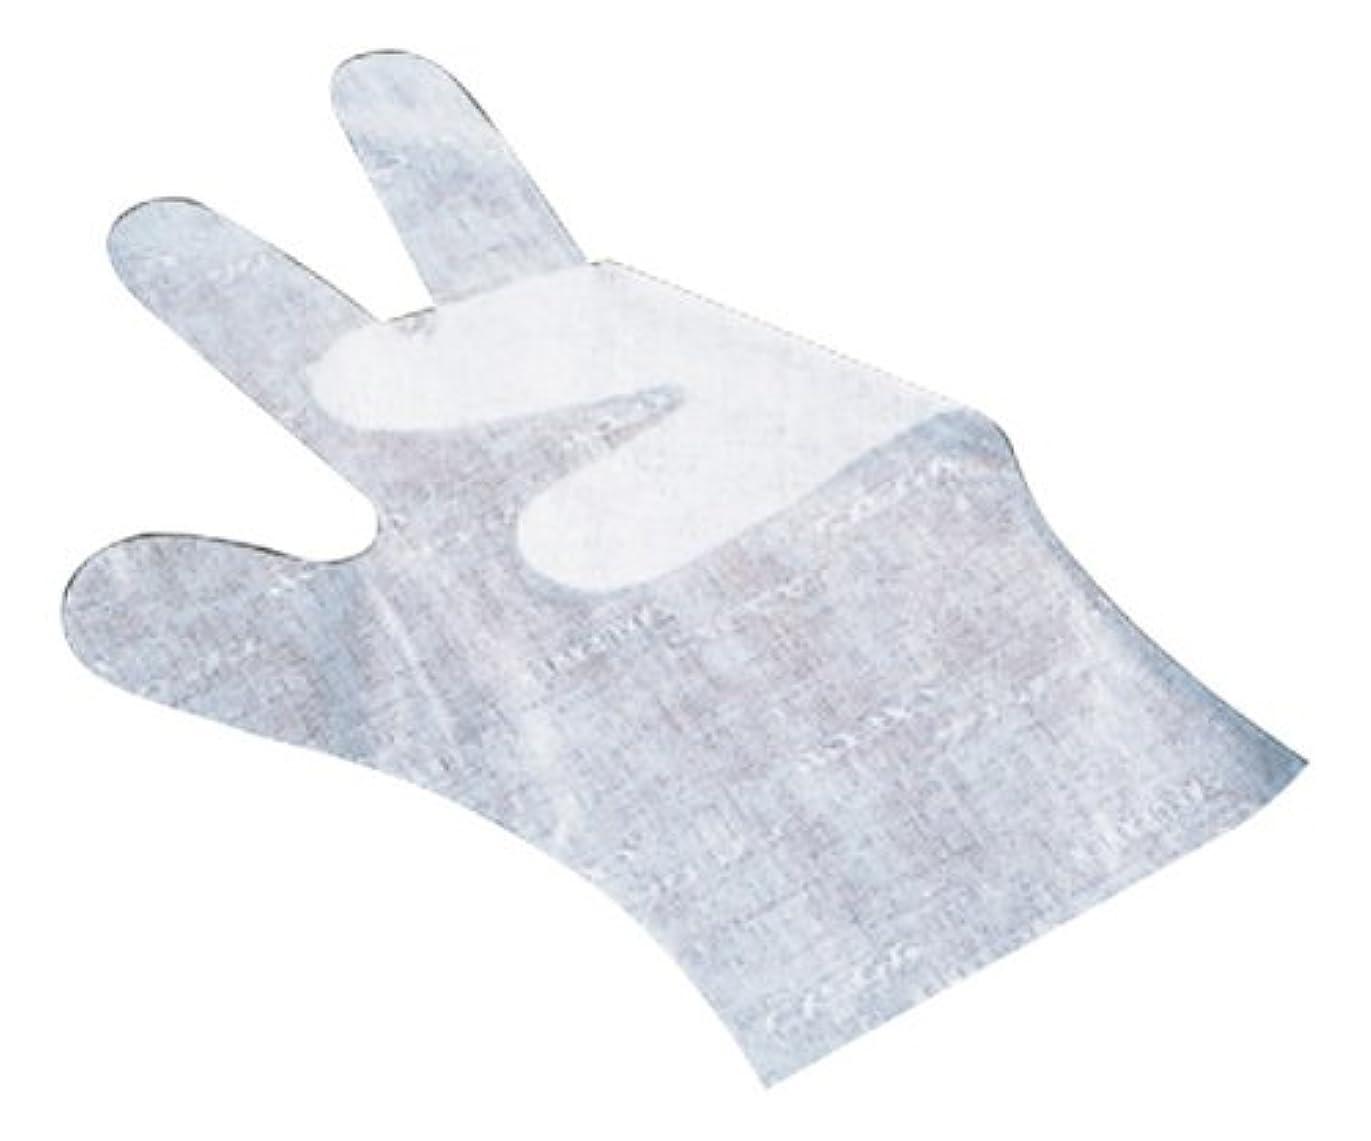 未就学層カウボーイサクラメン手袋 デラックス(100枚入)M ホワイト 35μ